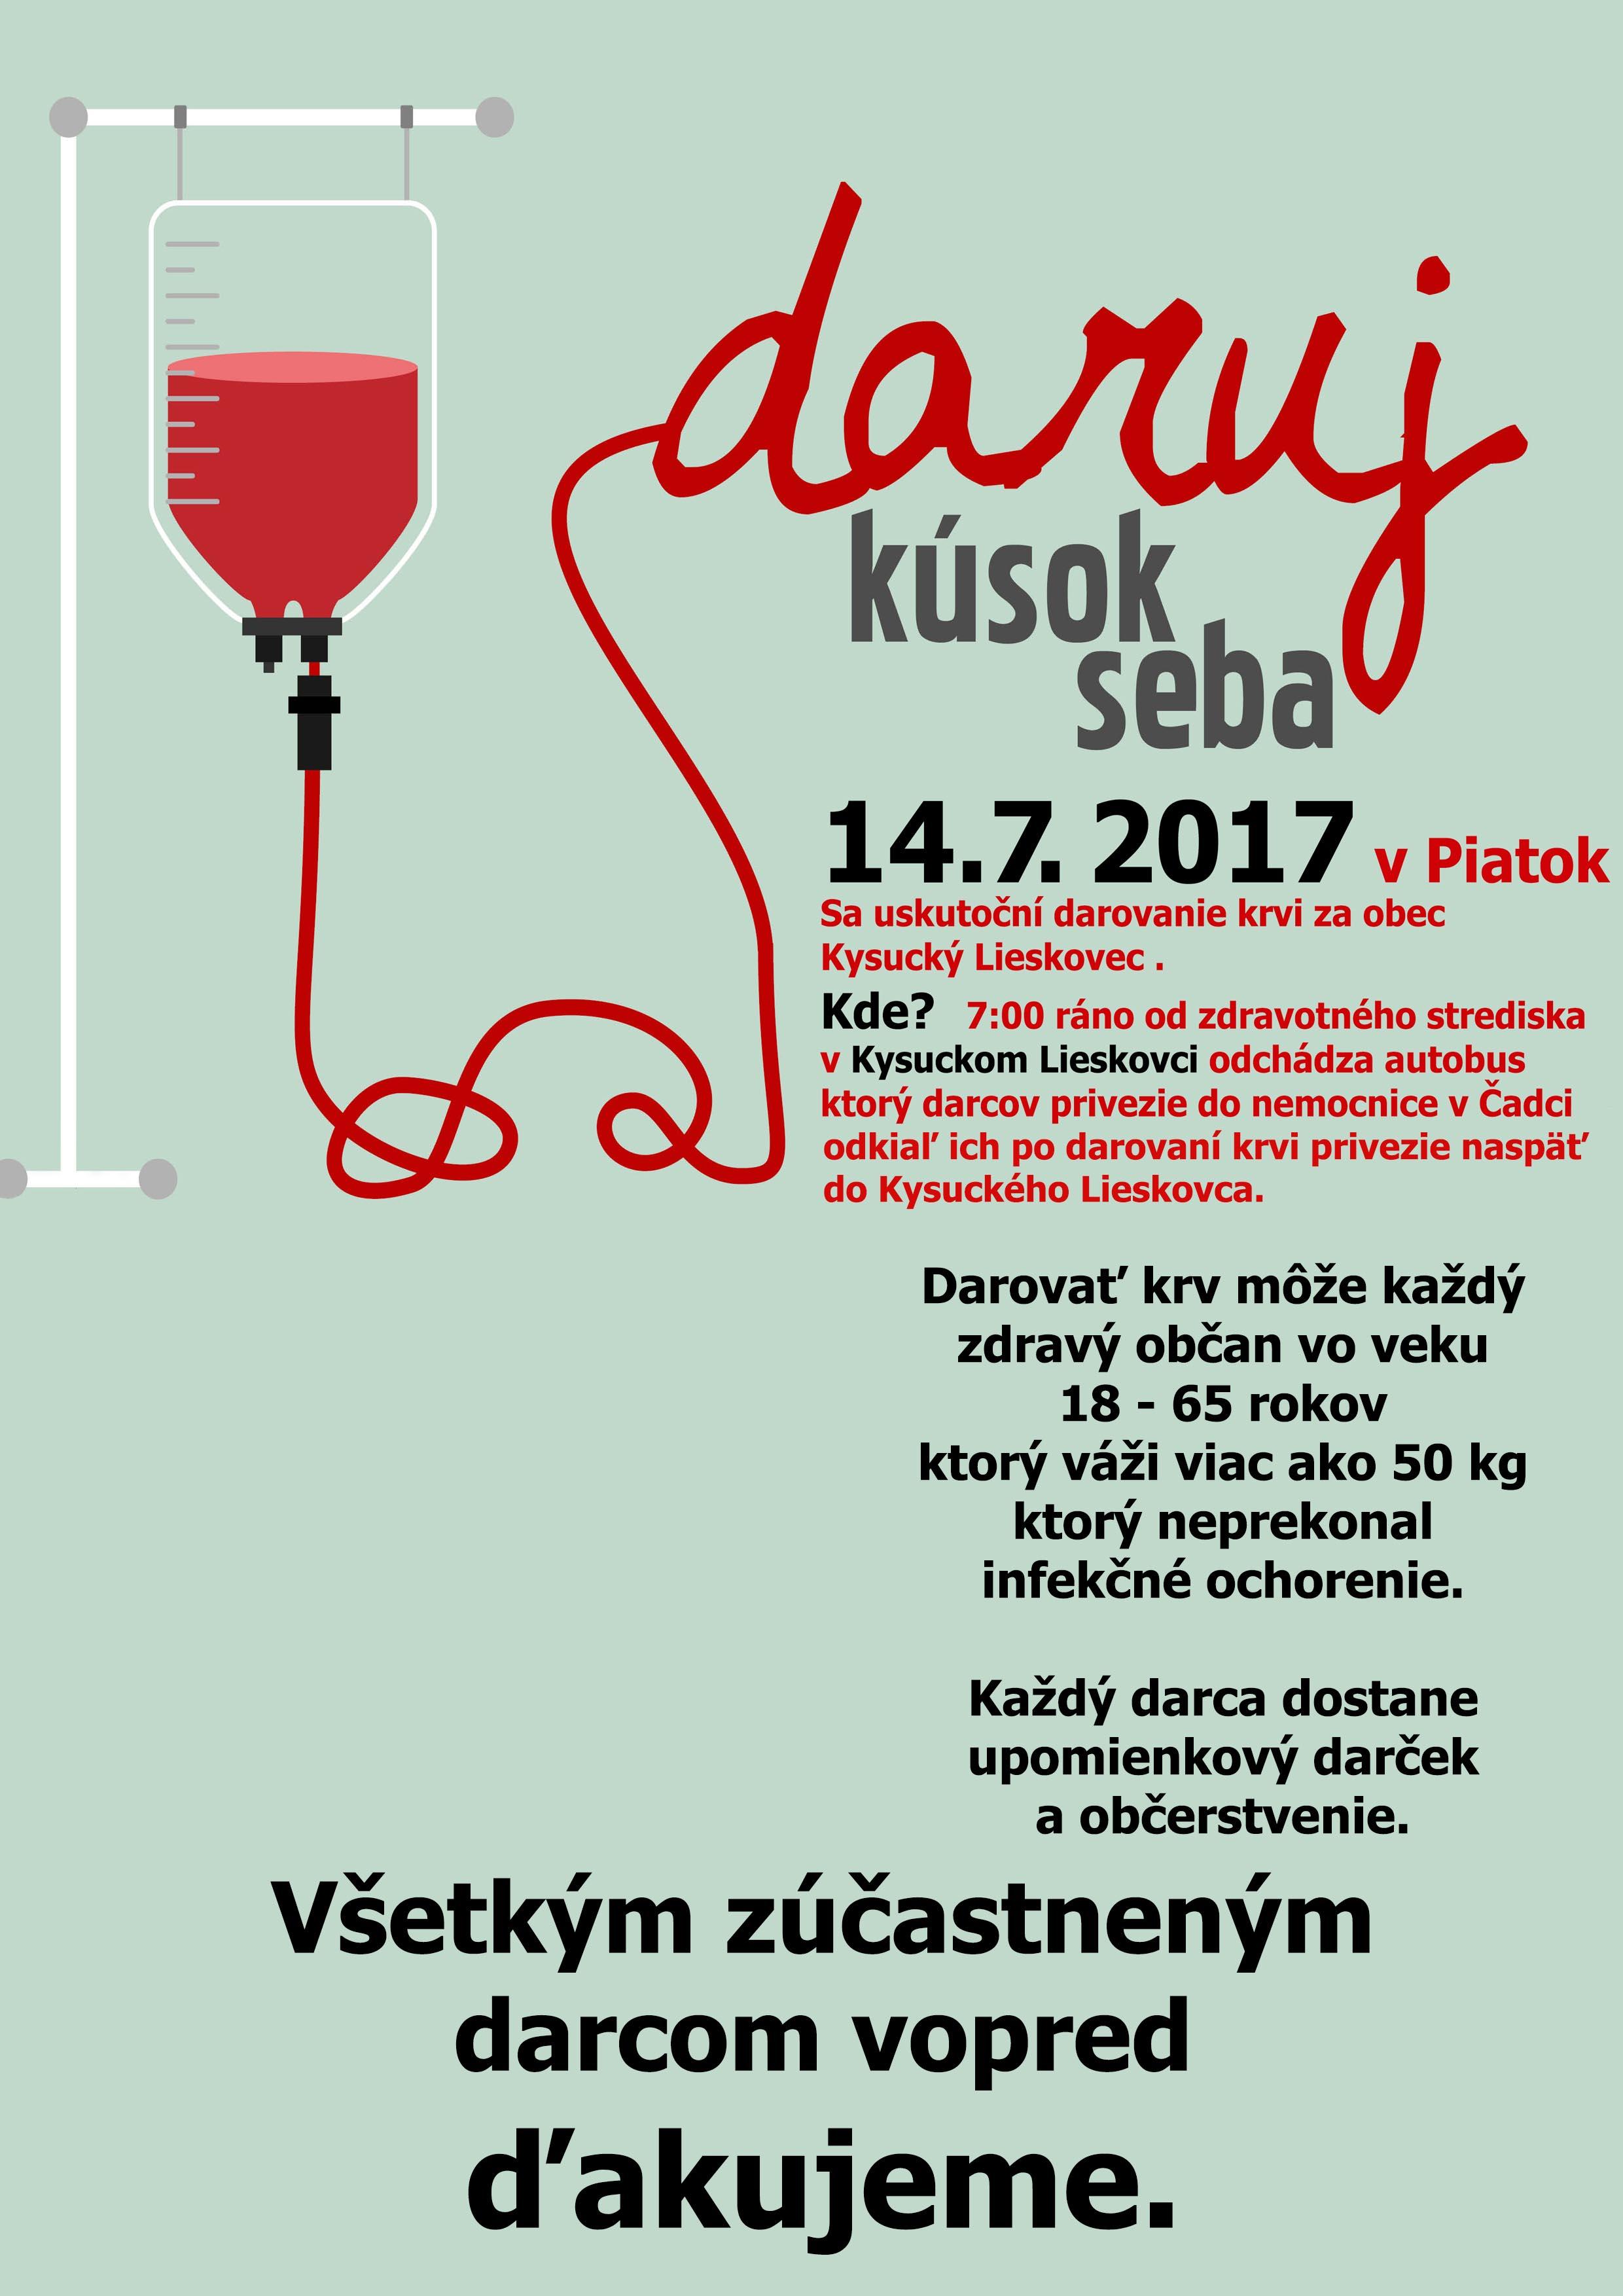 Darovanie krvi za obec Kysucký Lieskovec 14.7. 2017